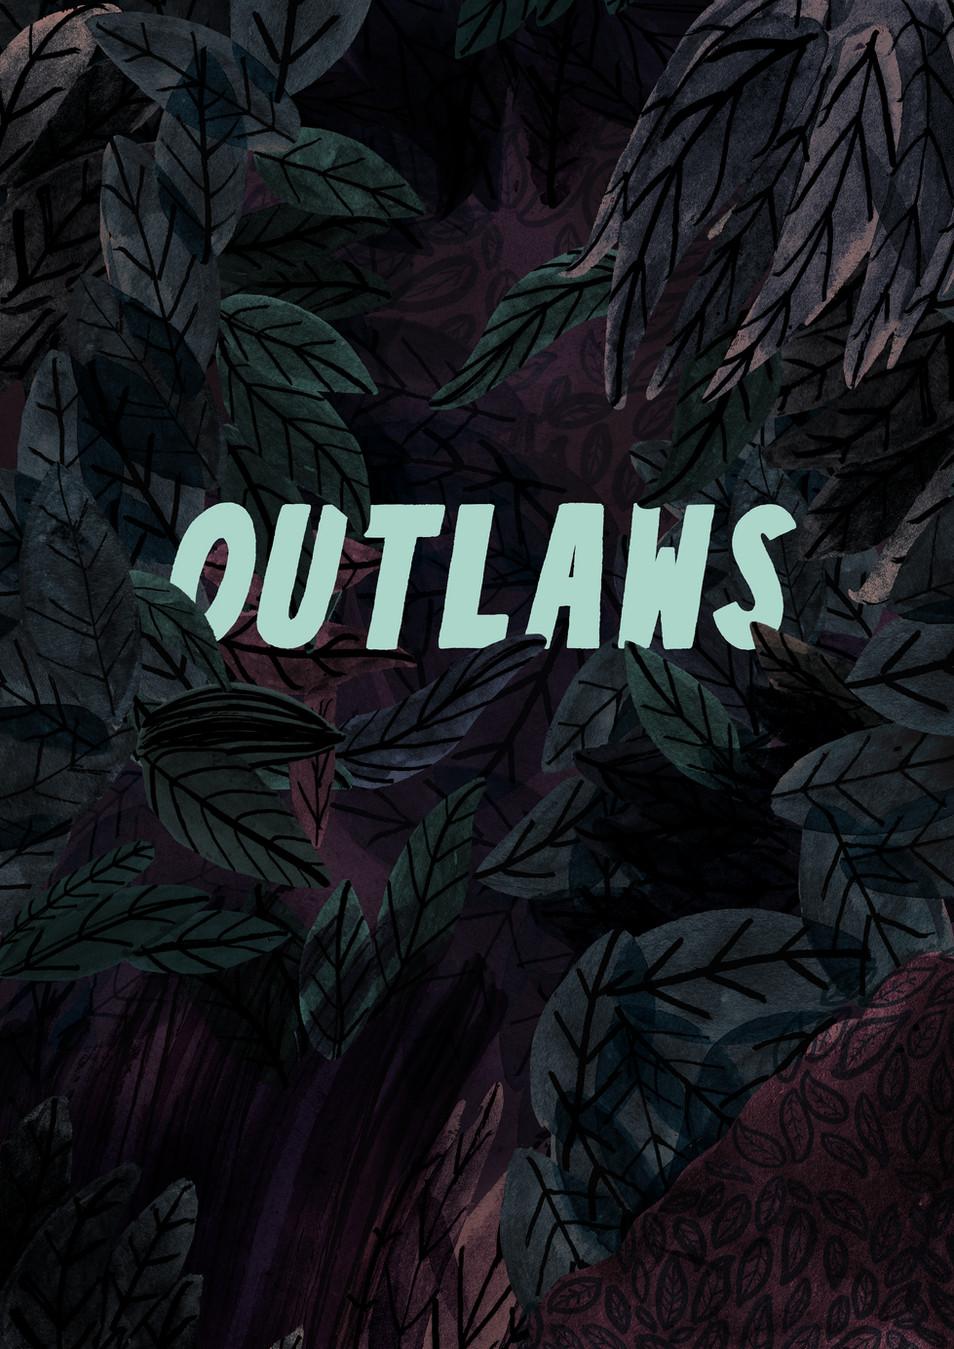 OUTLAWS_Poster Artwork.jpg